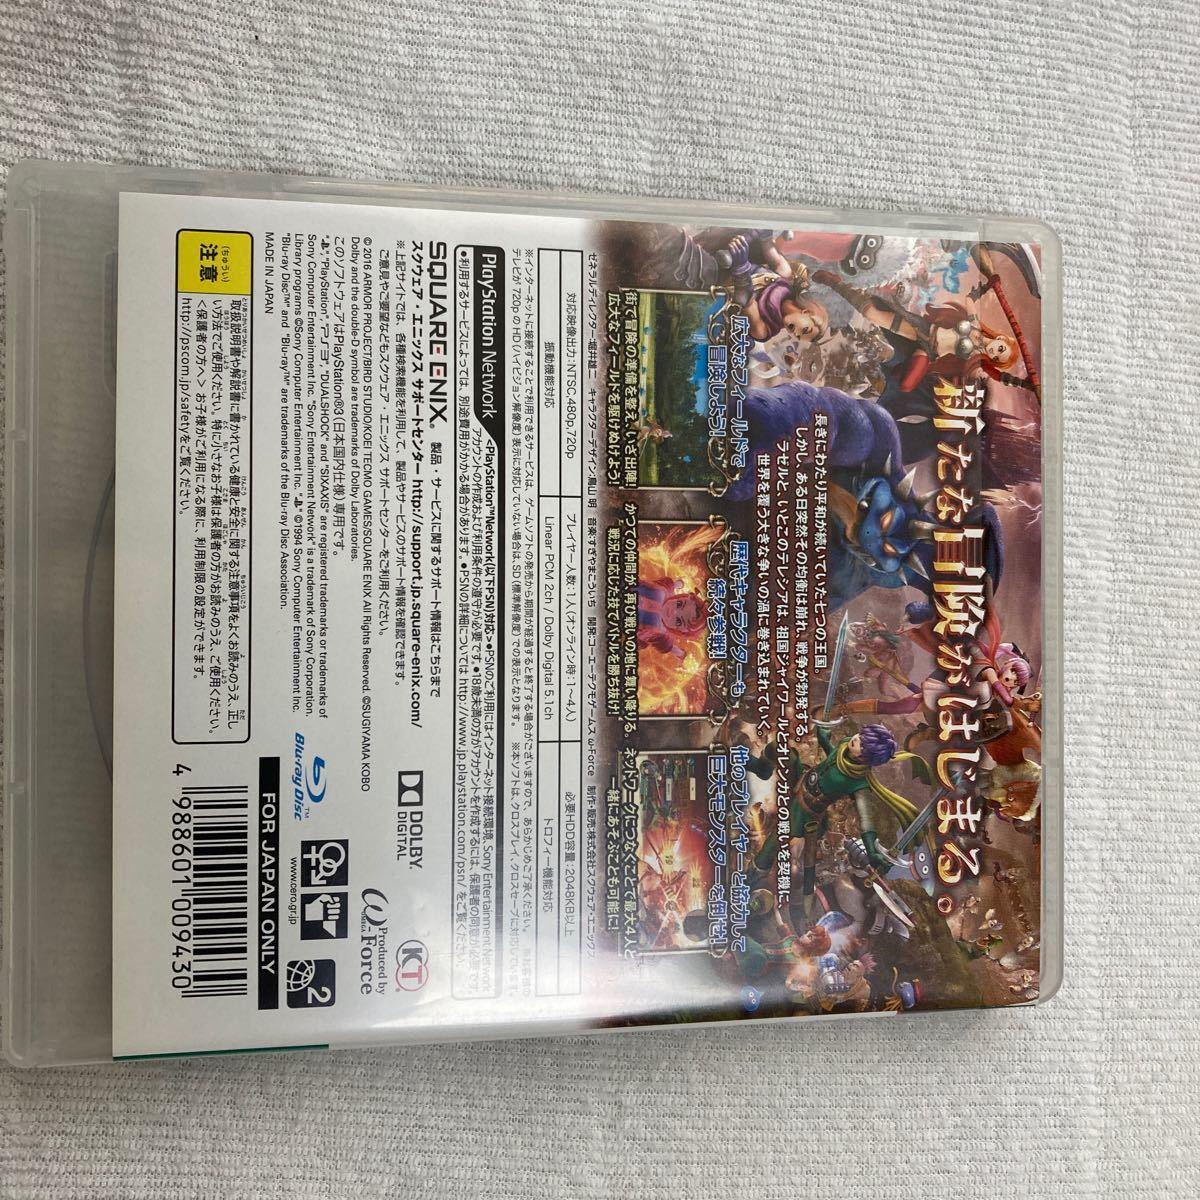 PS3ソフト ドラゴンクエストヒーローズII双子の王と予言の終わり